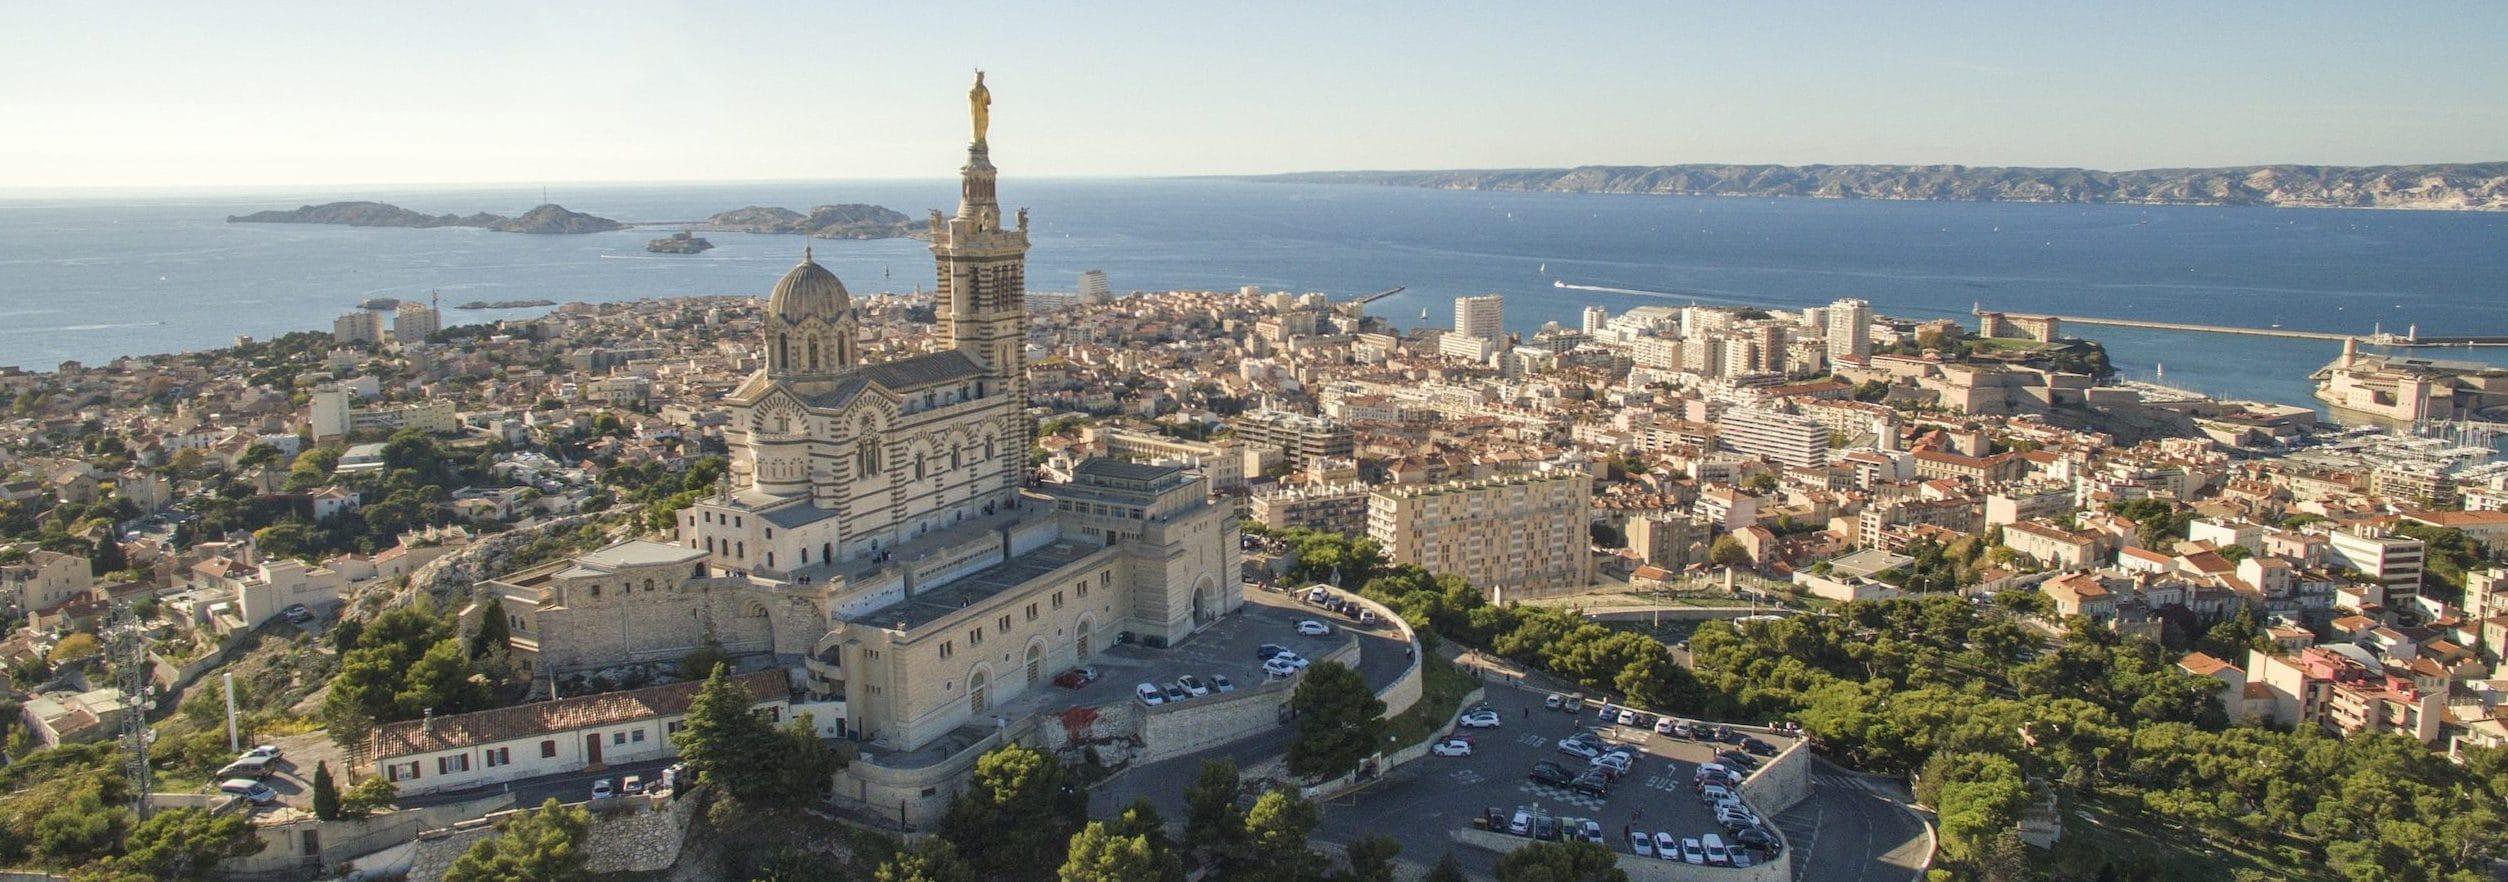 PACA et Corse - Vue d'ensemble